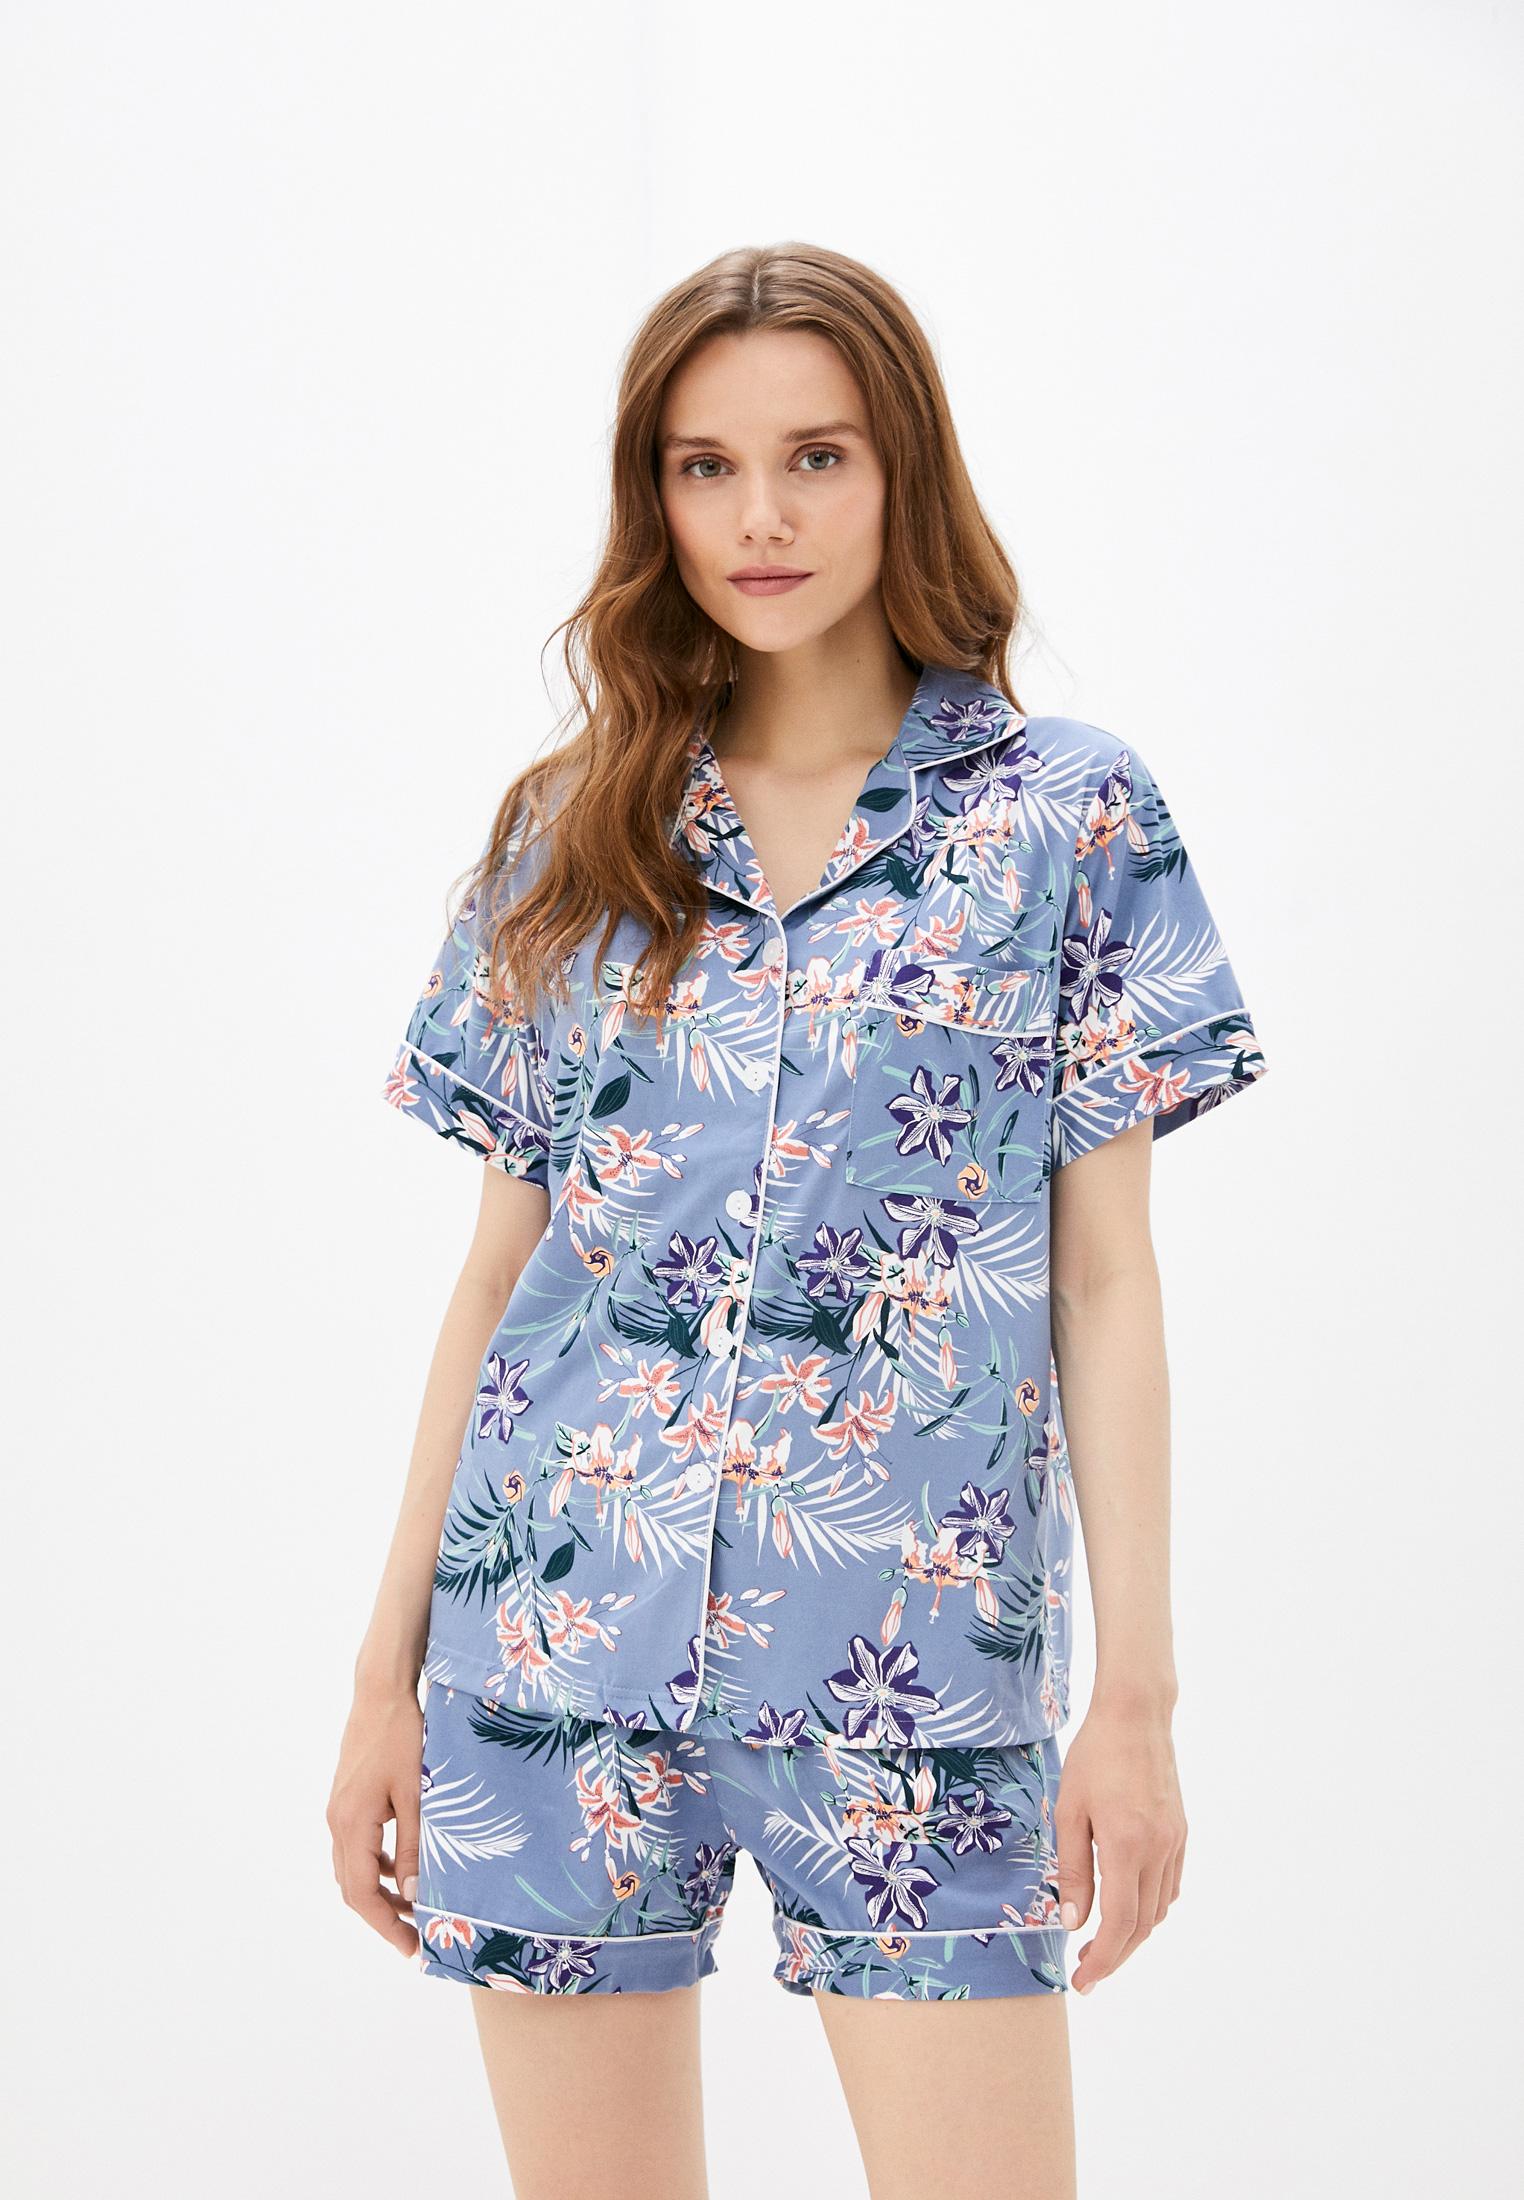 Женское белье и одежда для дома UnicoModa UMSS21P0019